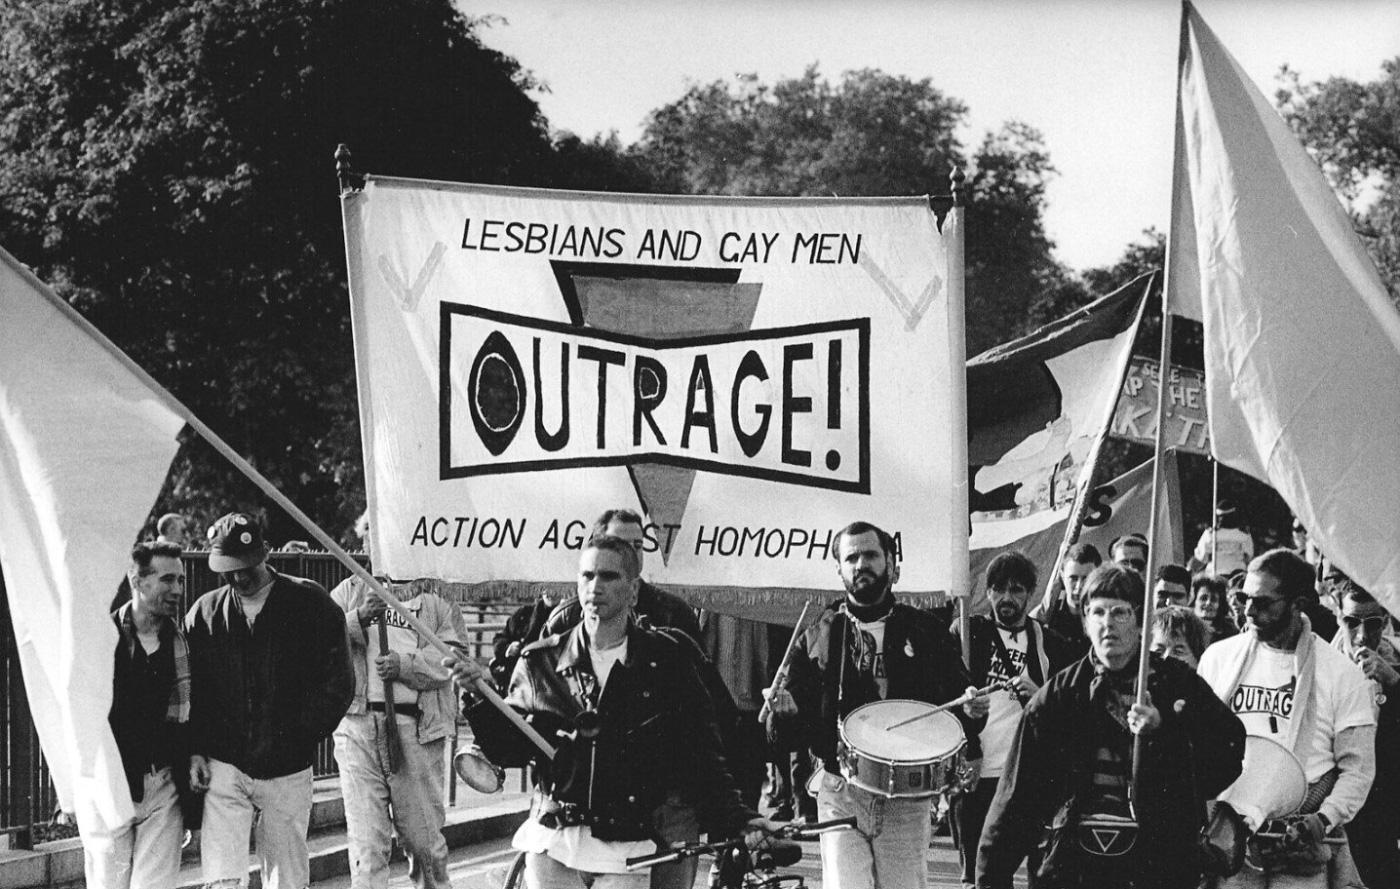 Queer + Croydon exhibition